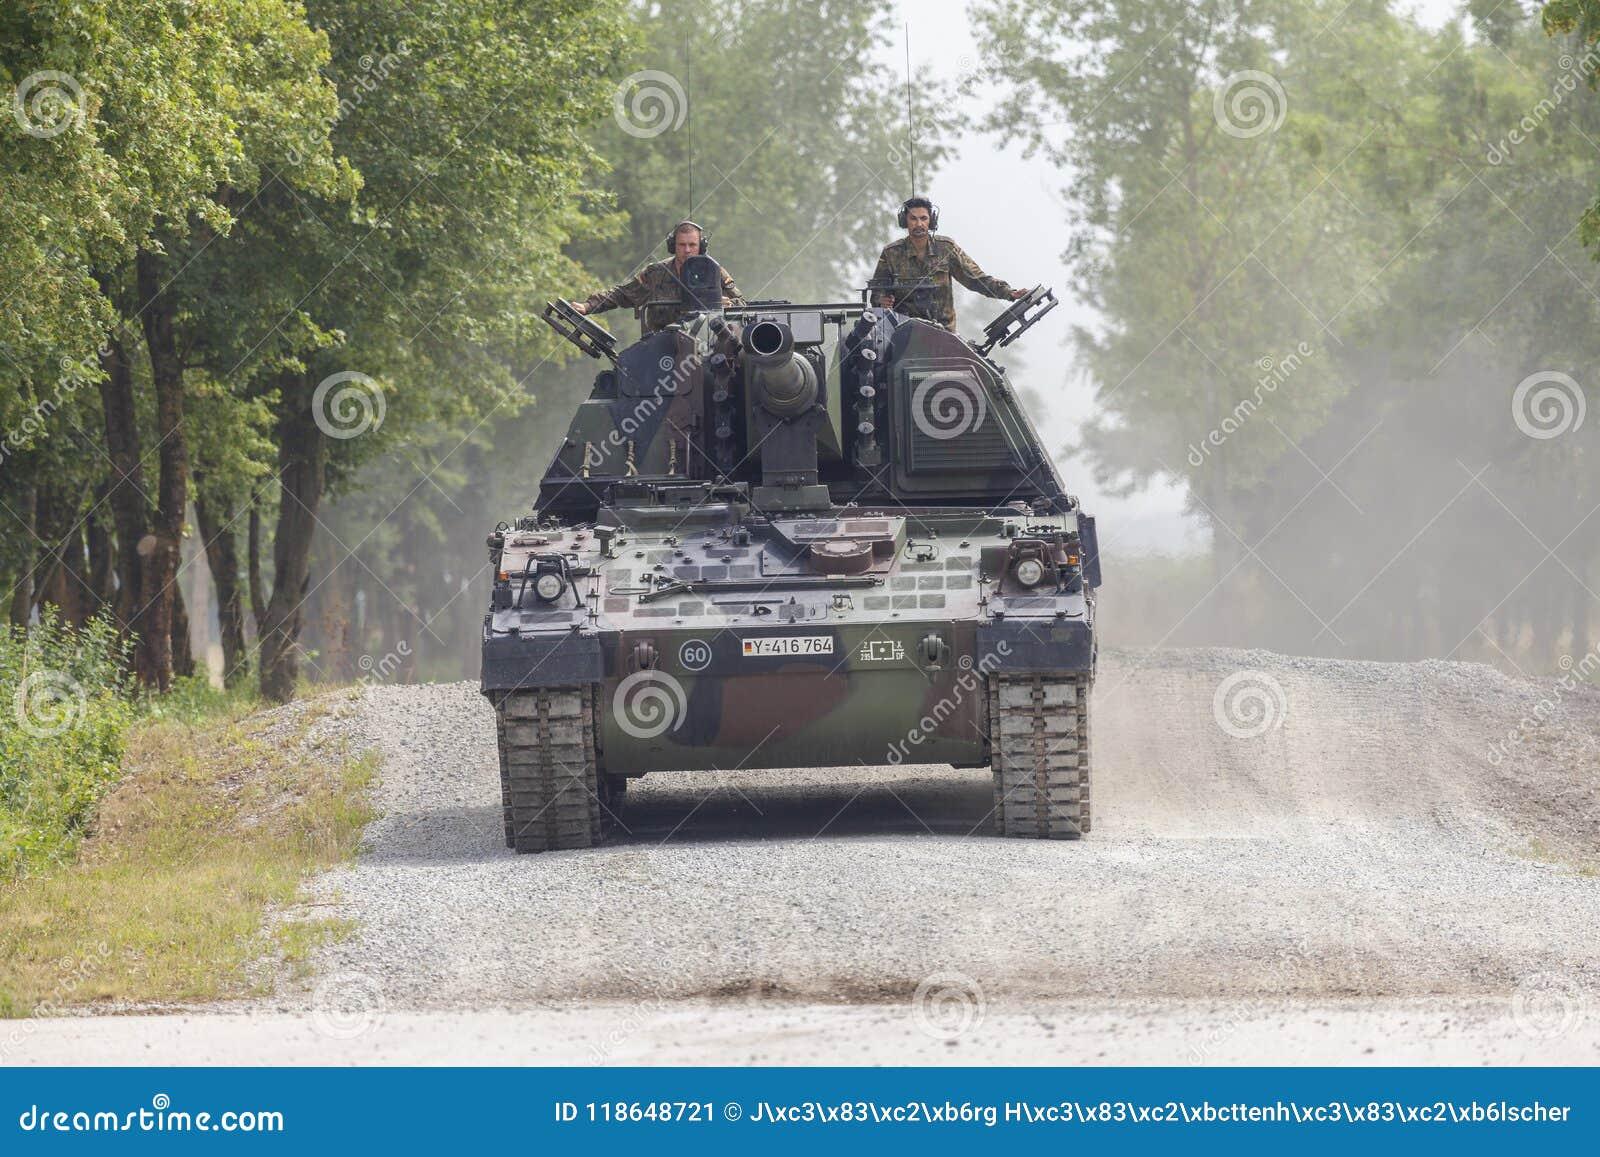 德语Panzerhaubitze 2000年,火炮坦克在路驾驶